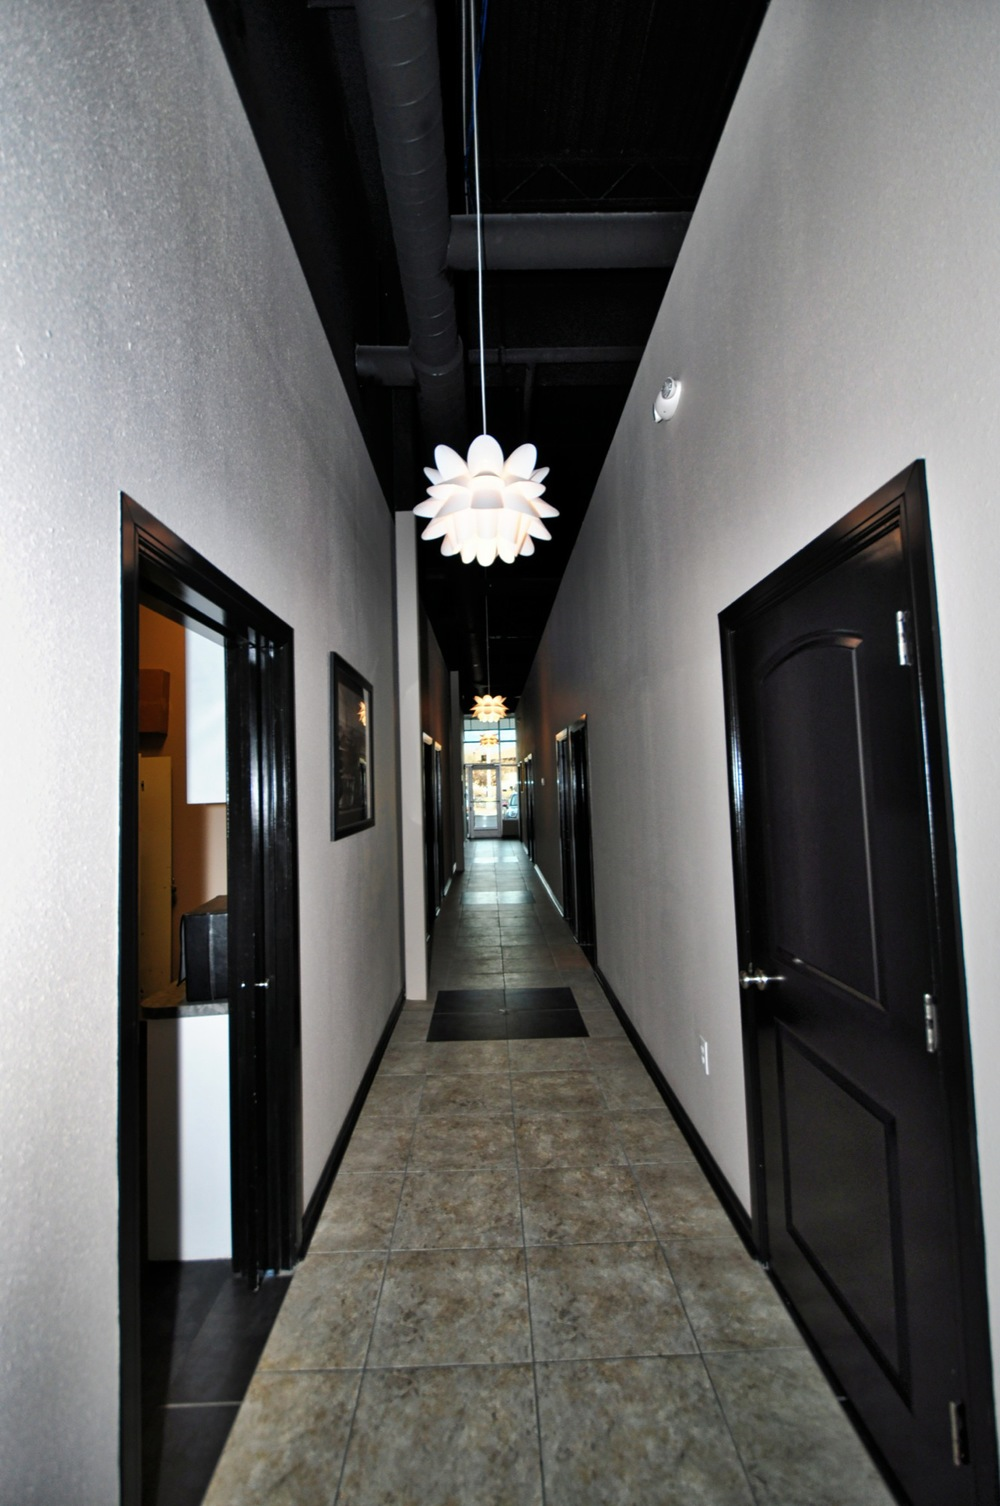 Lorenco's Interior - Hallway to Treatment Rooms